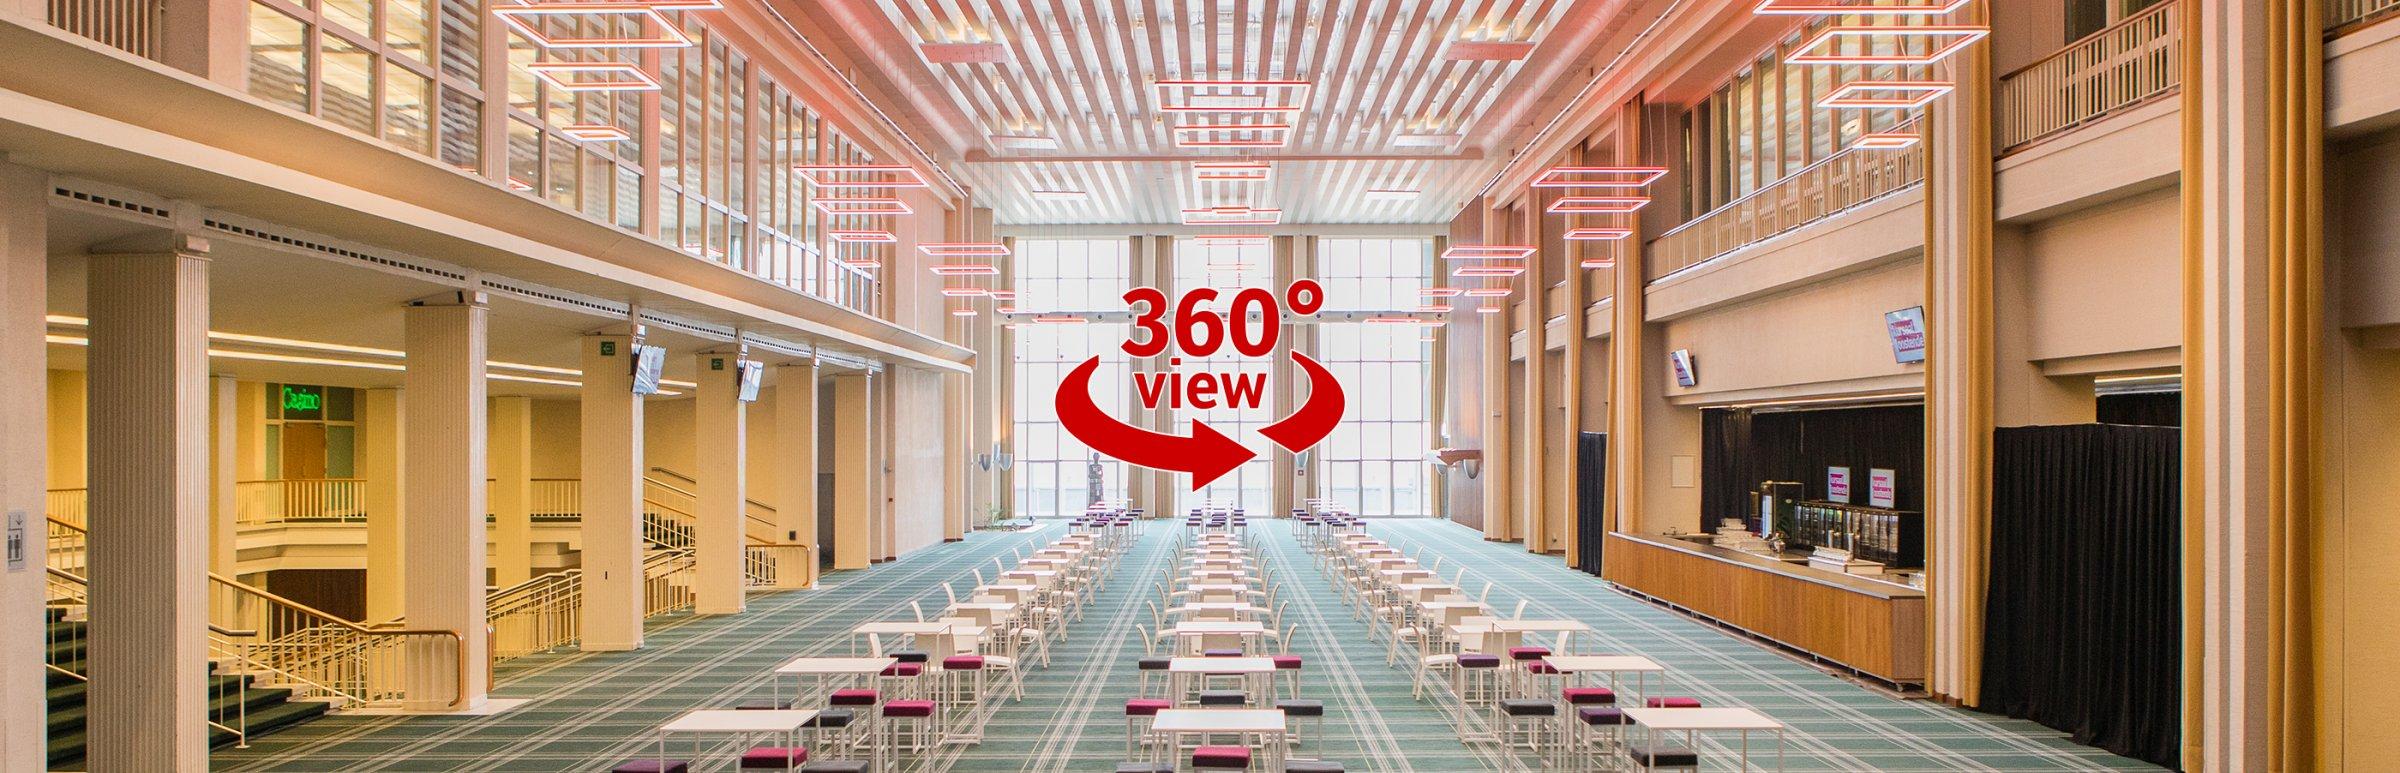 360 graden erehal